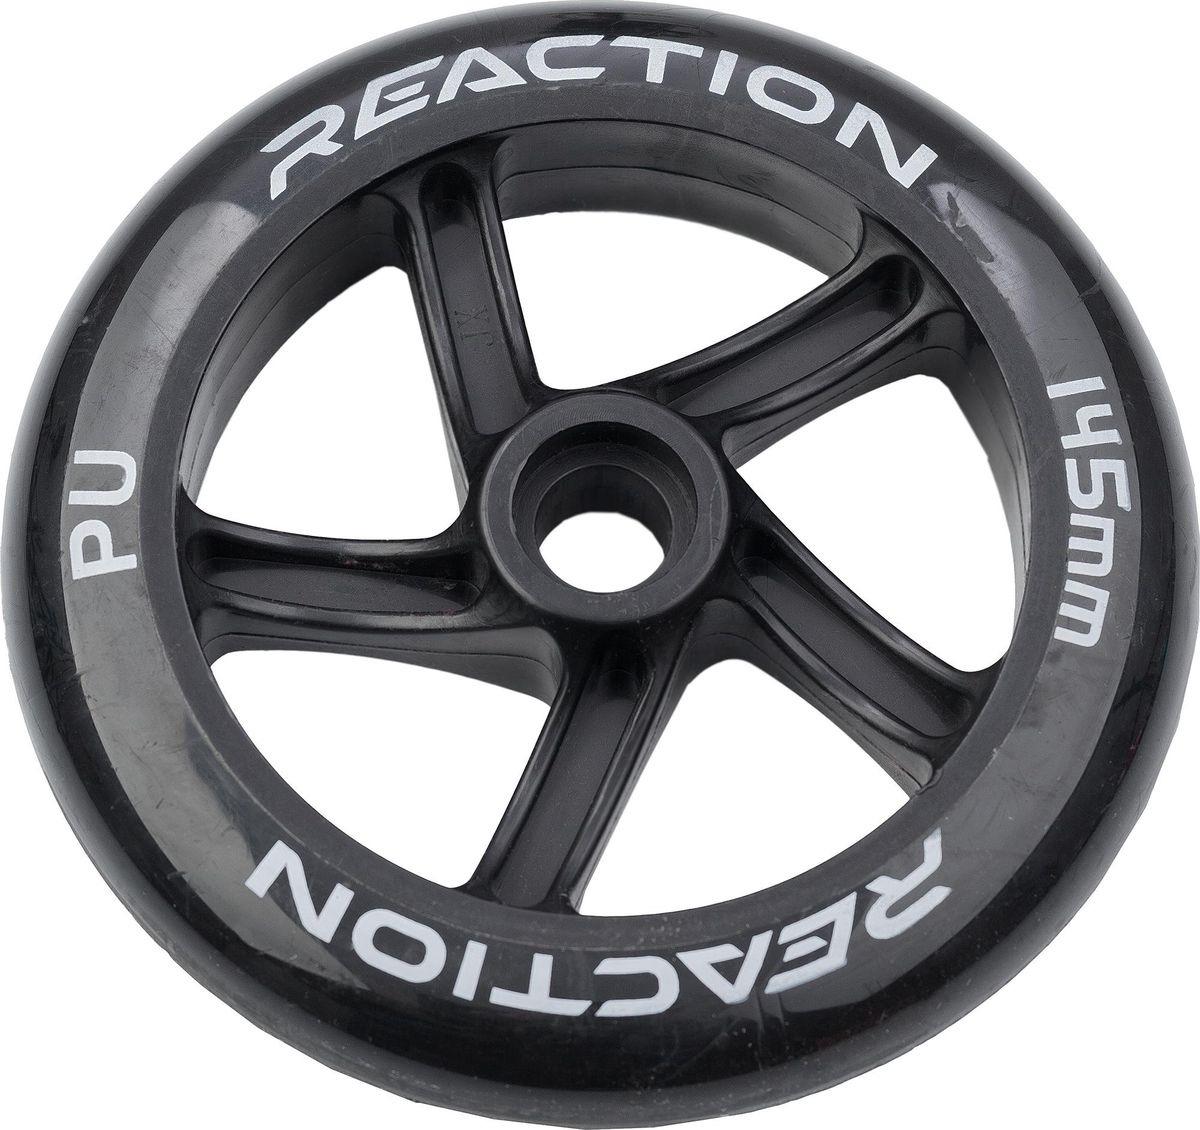 Колесо для самоката Reaction Wheel 145 Scooter Wheel, ERERO05203, черныйERERO05203Запасное колесо для самоката - диаметр 145 мм.